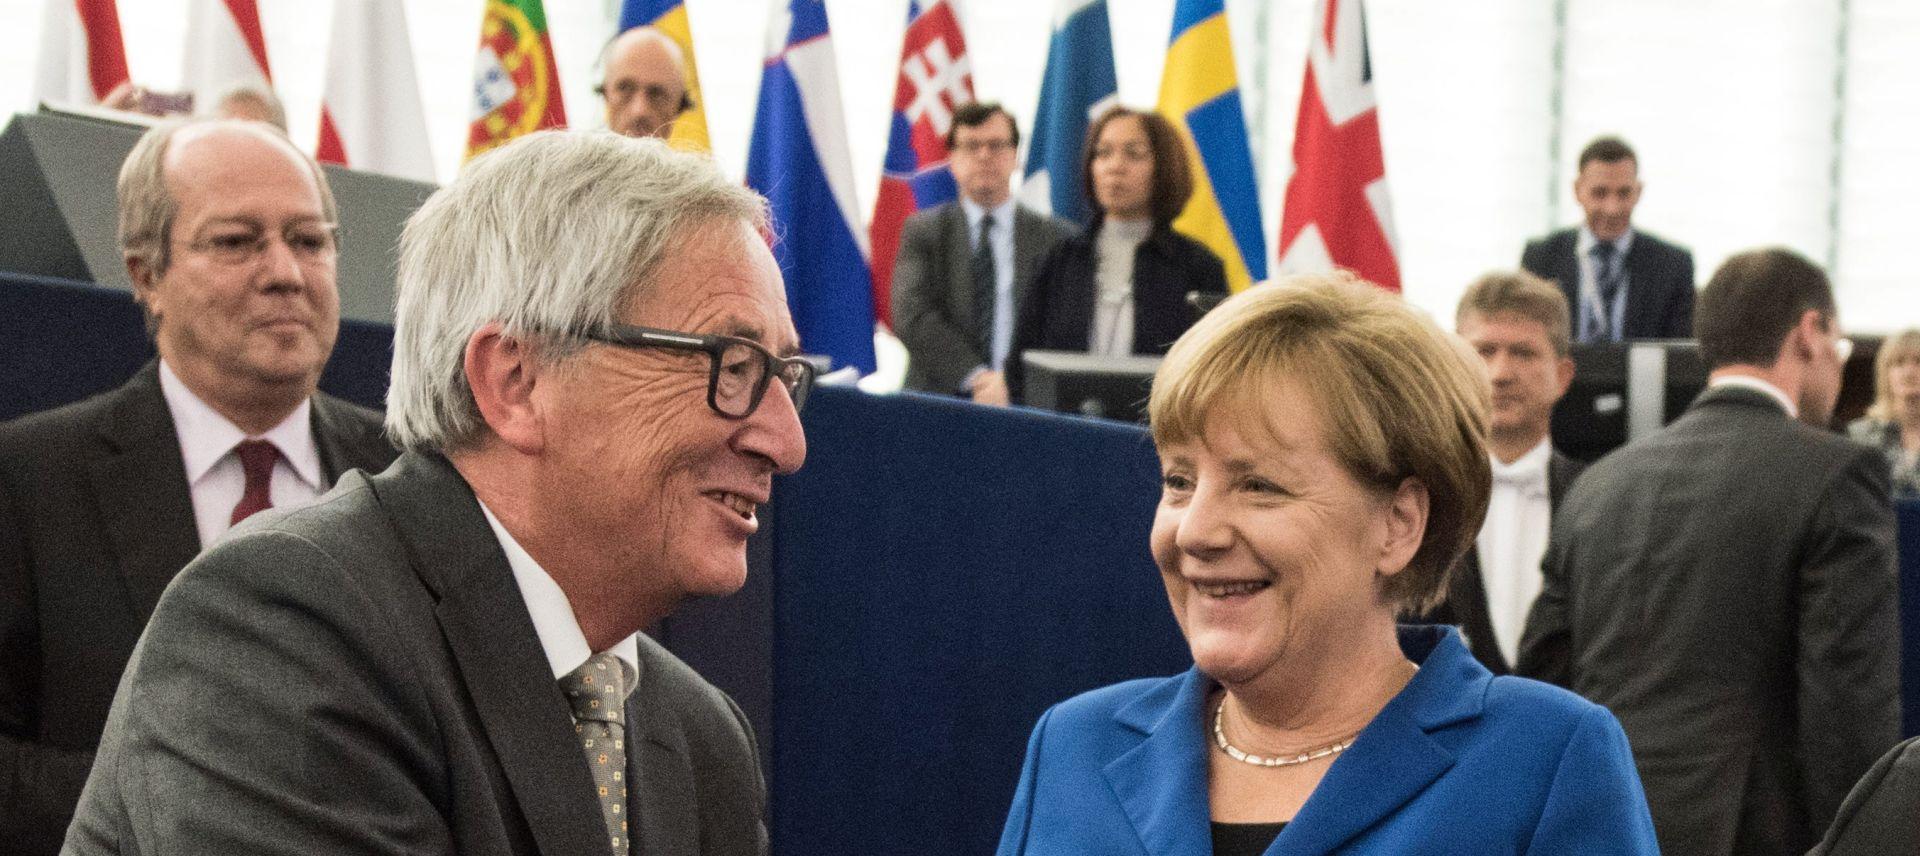 Čelnici EU-a dogovorili zajedničko stajalište, ali ne i tekst sporazuma koji će ponuditi Turskoj